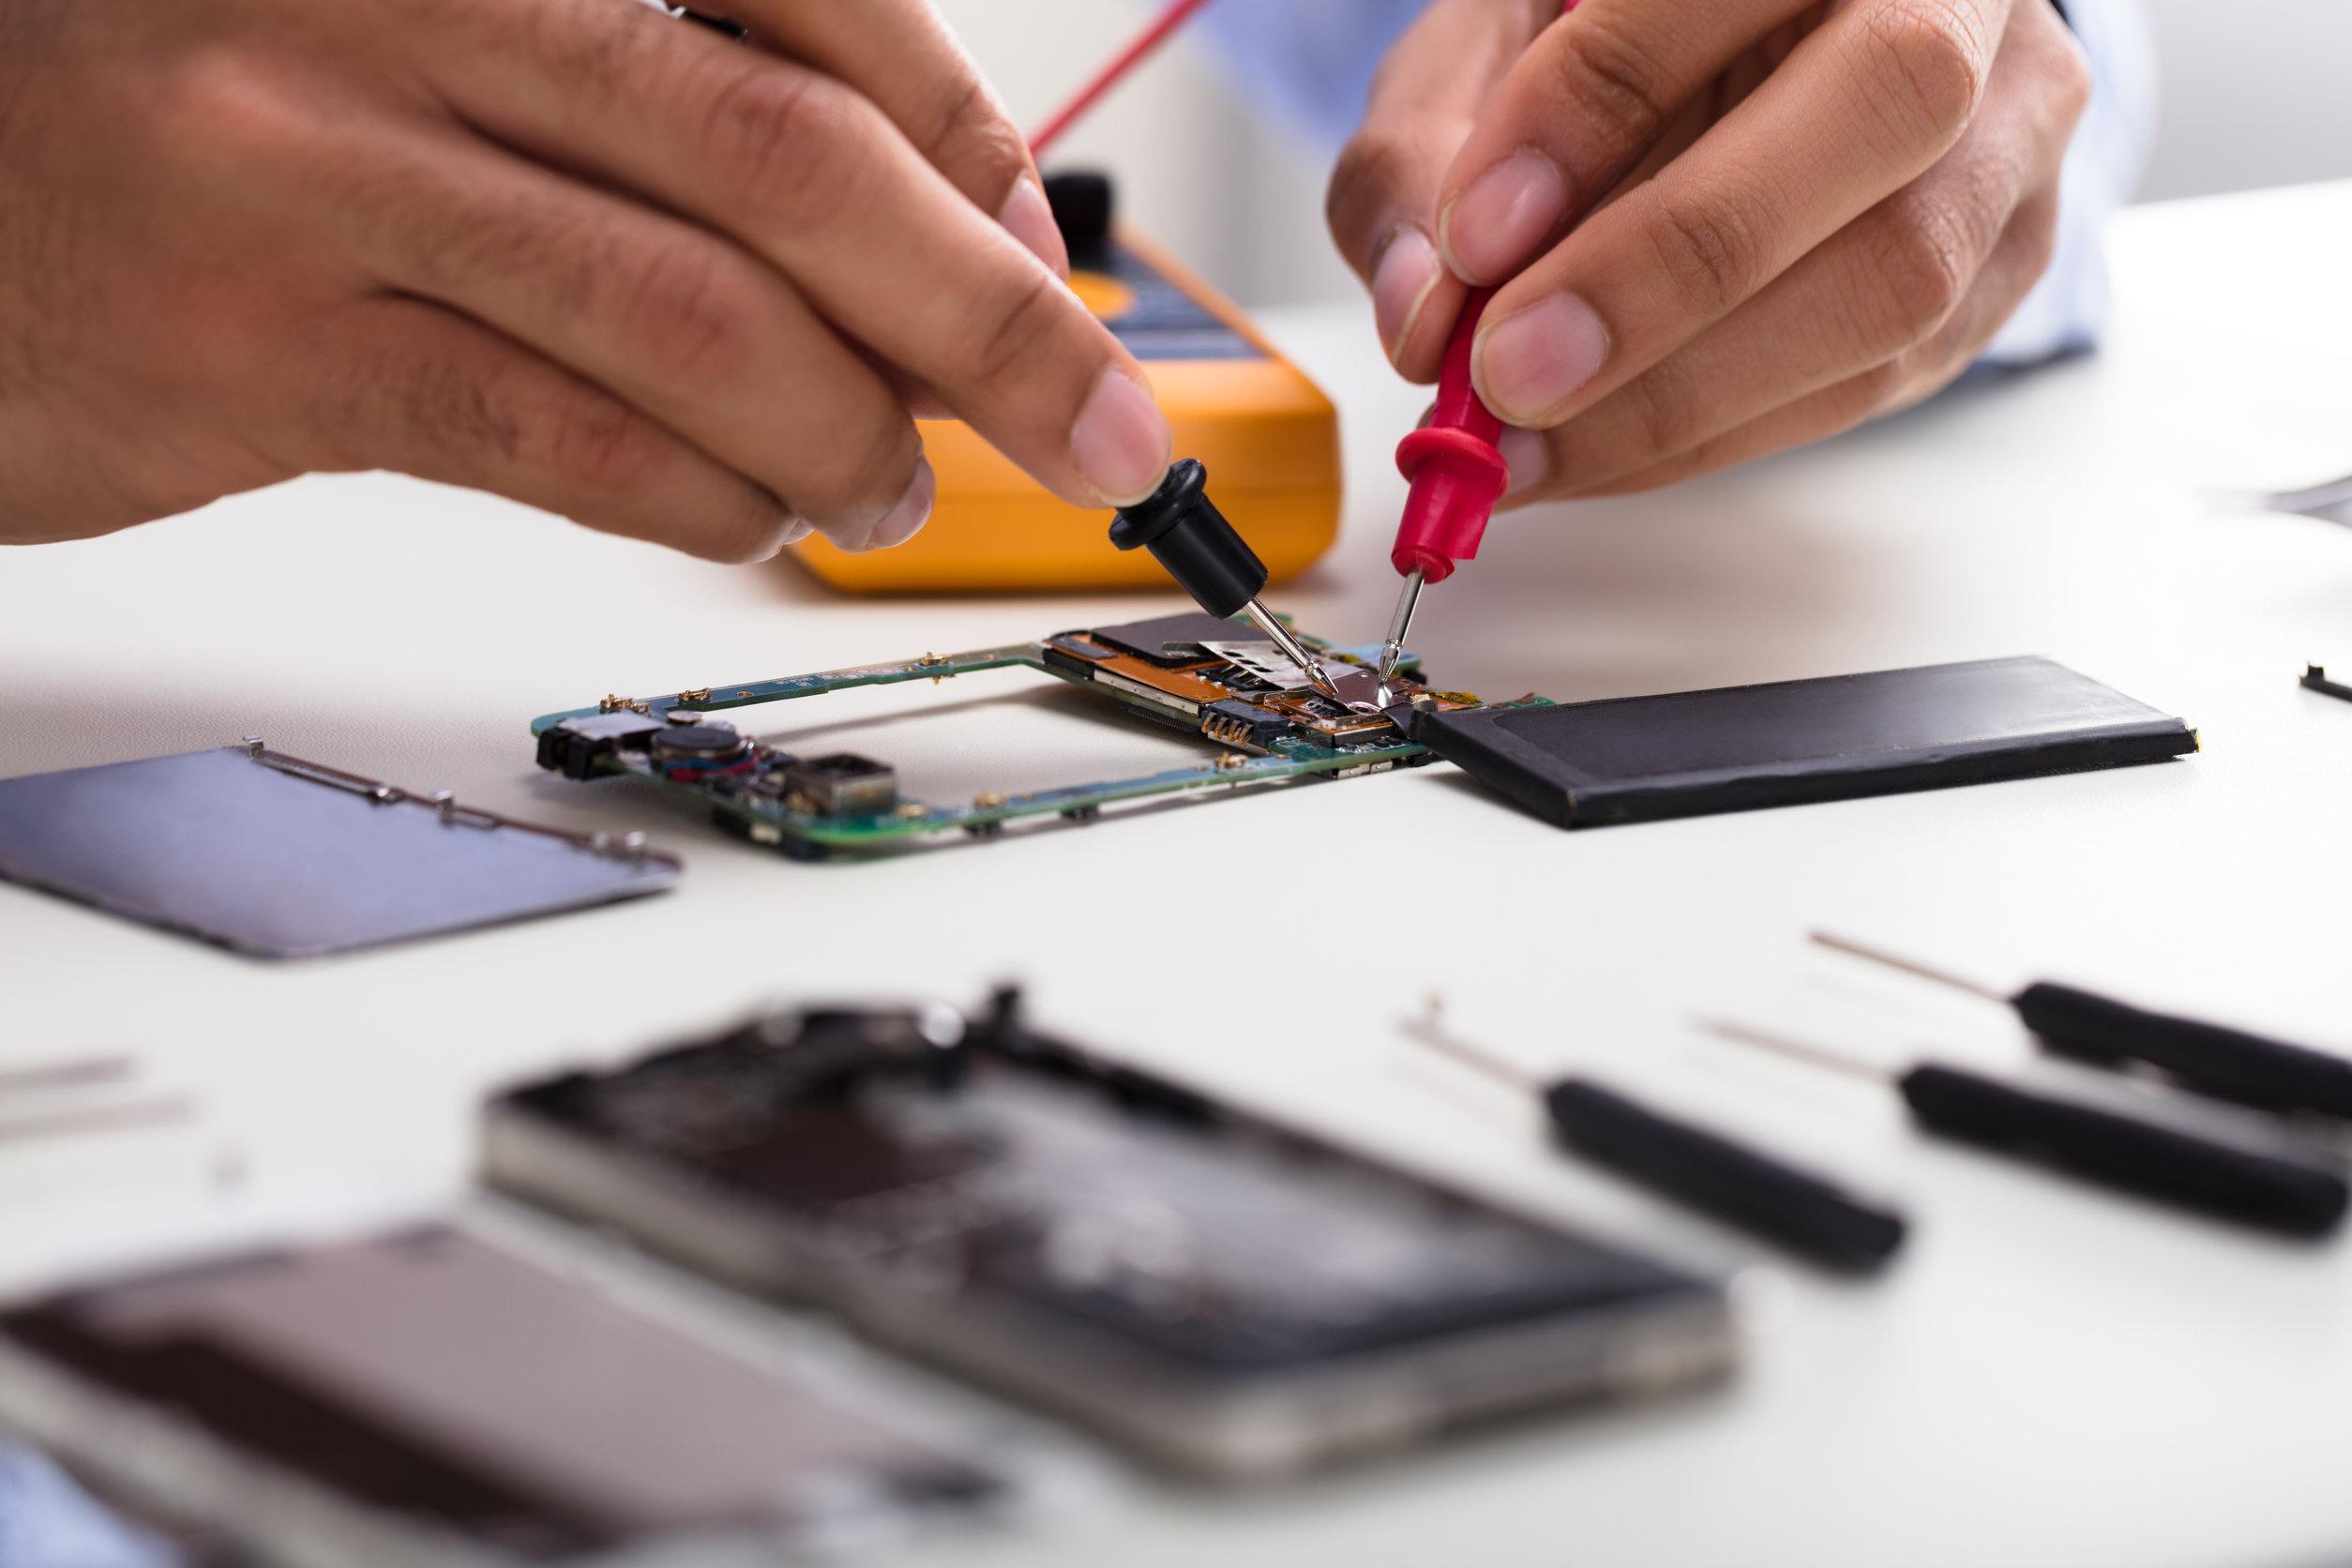 Imagem de ferramentas e um smartphone.